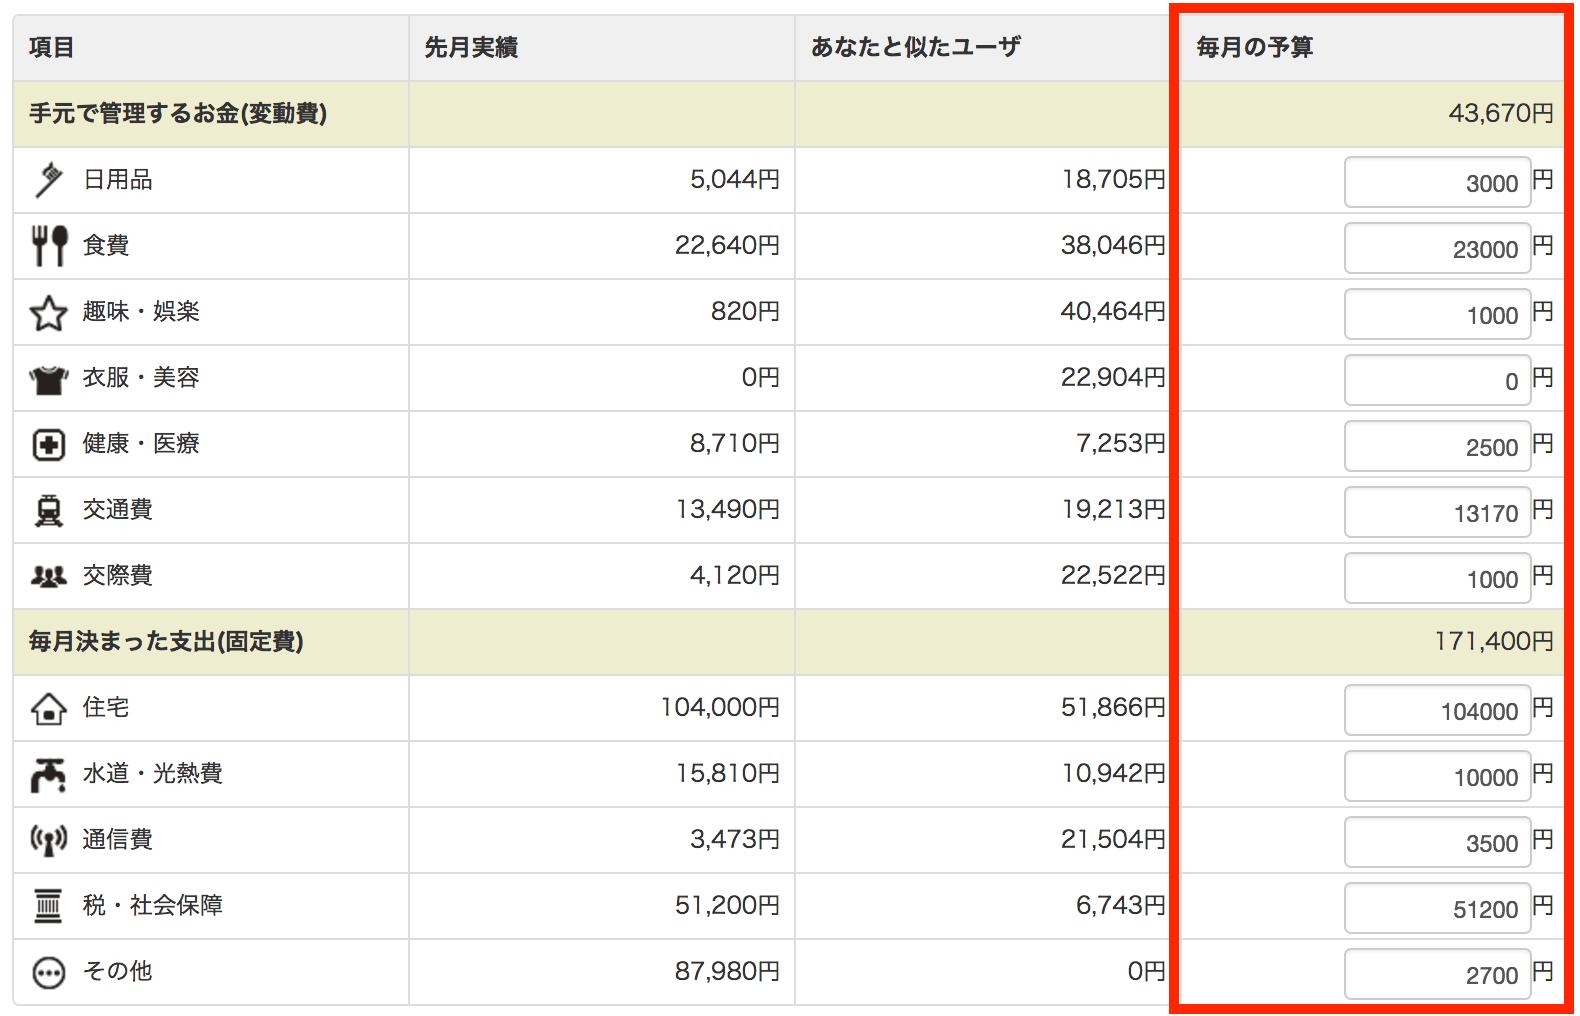 マネーフォワード (予算)